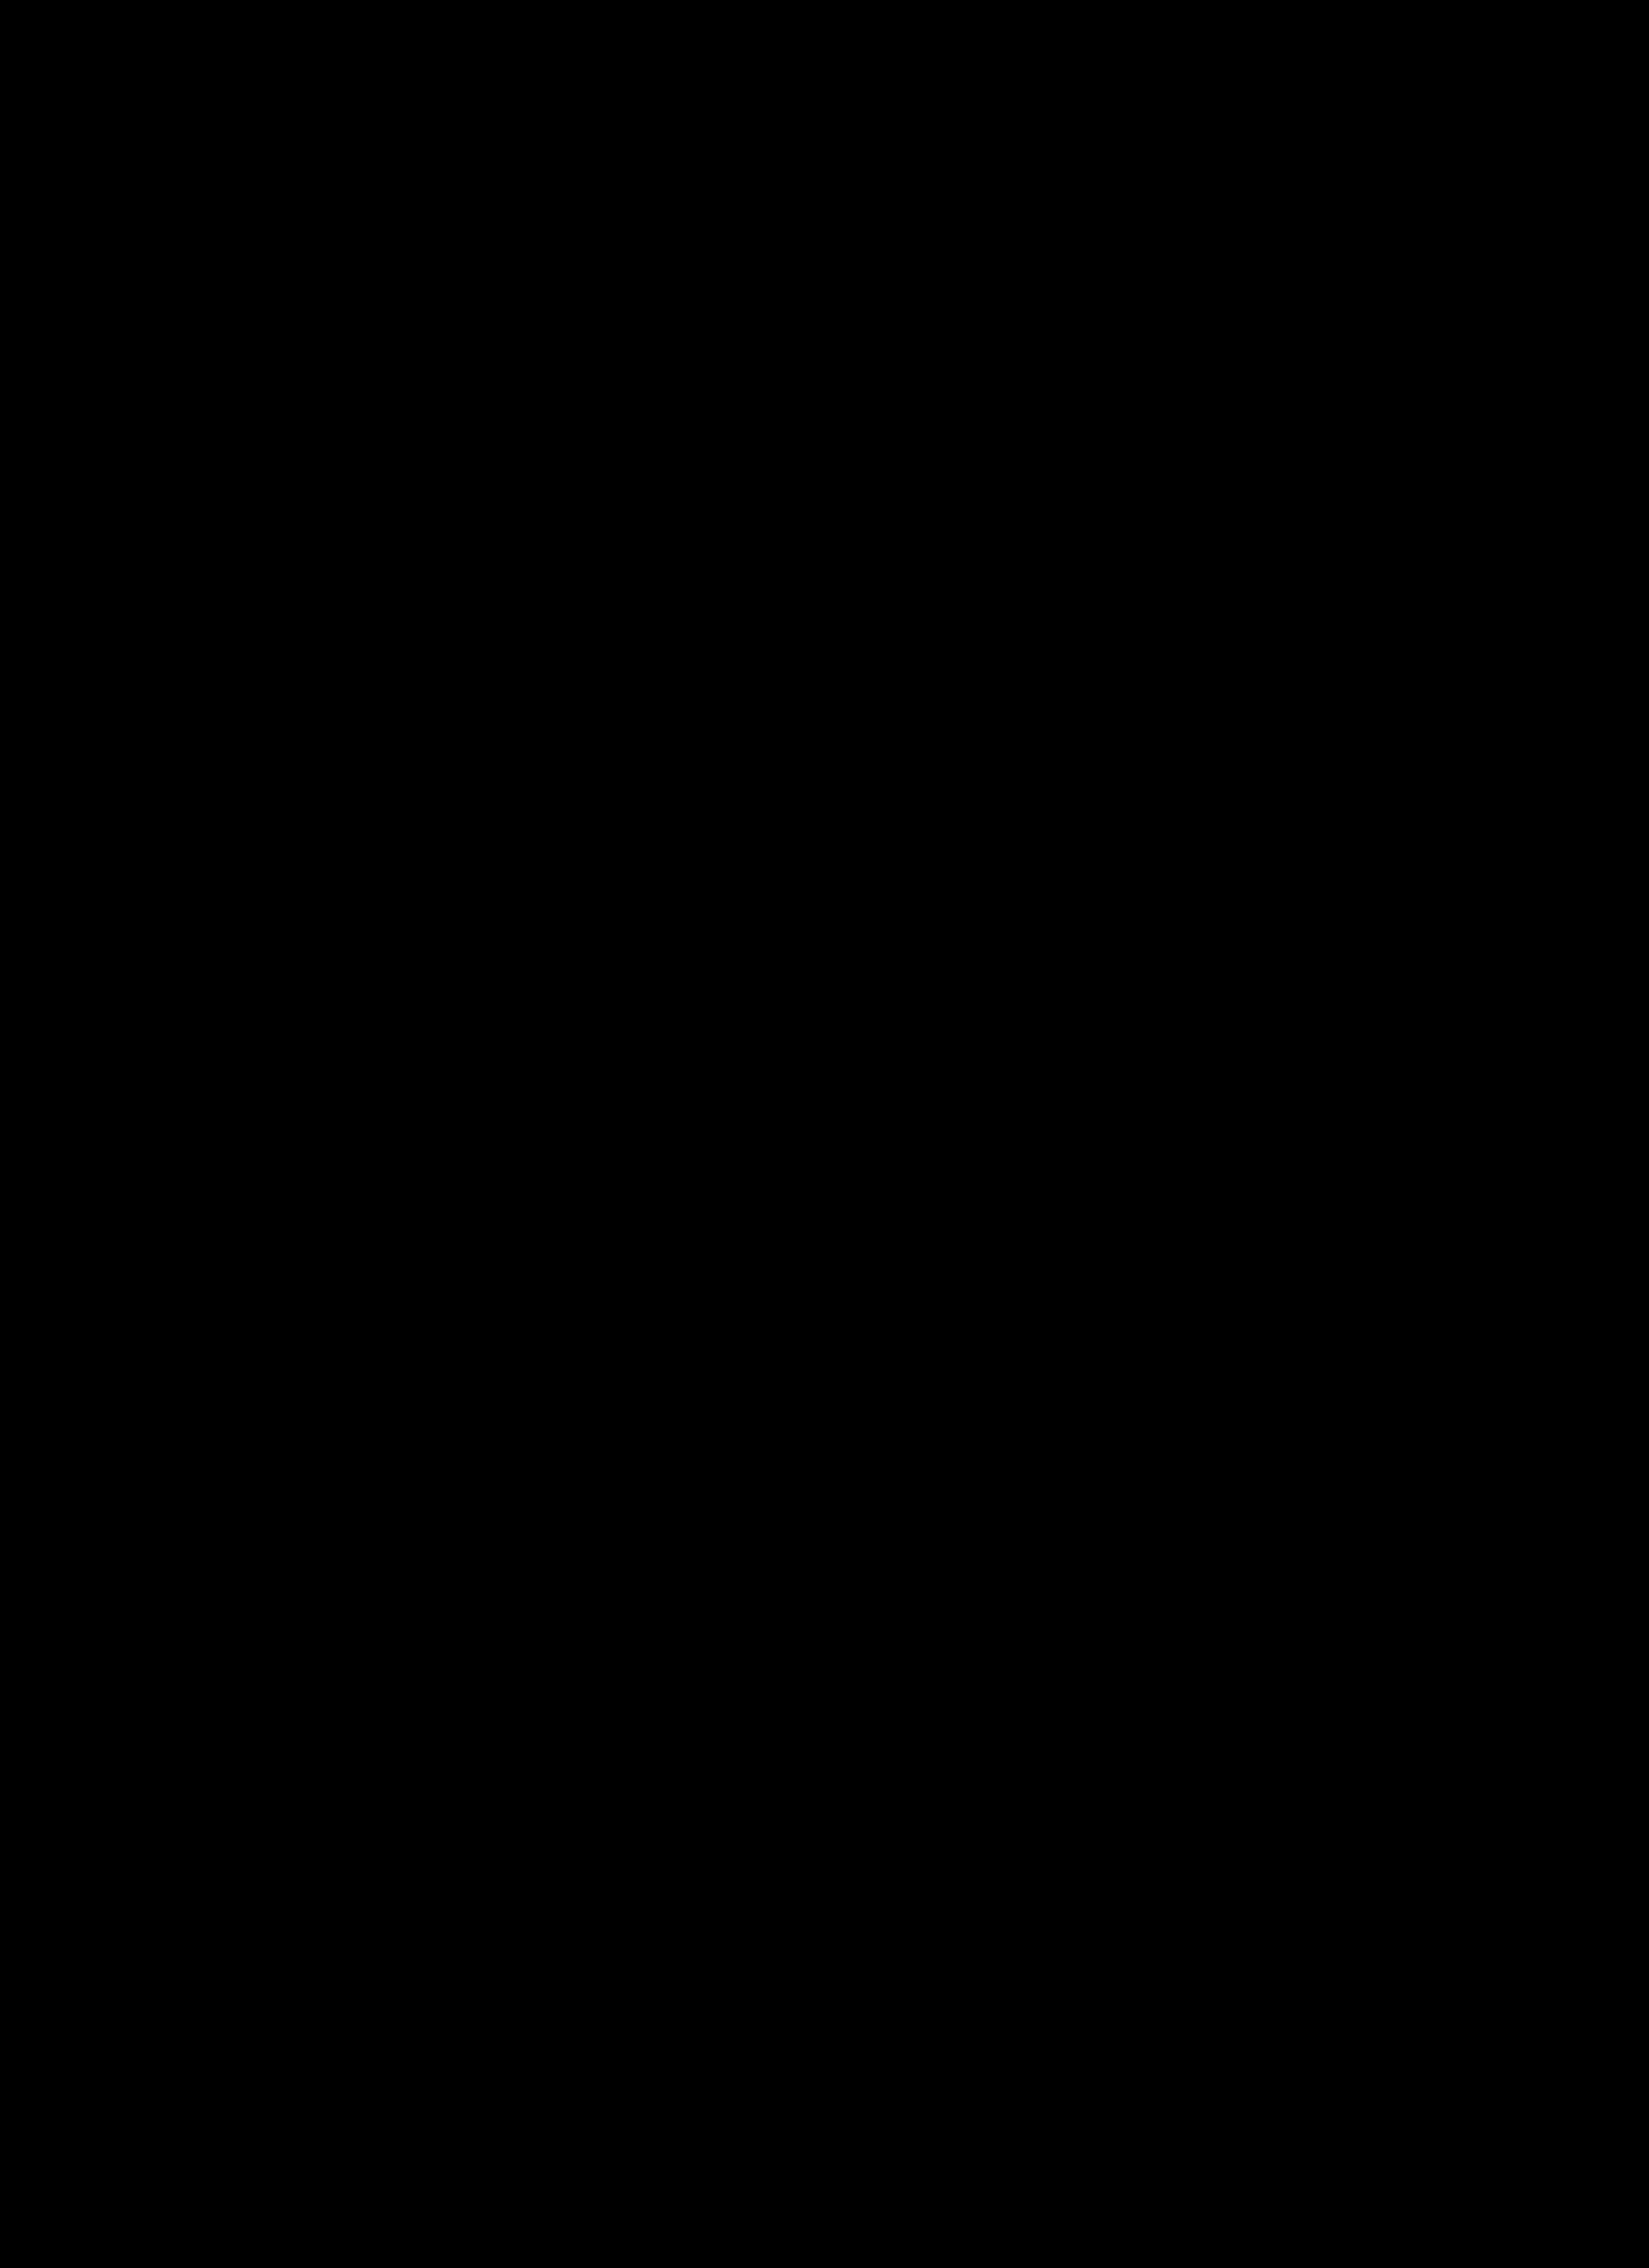 Materiali compositi Pag. 26